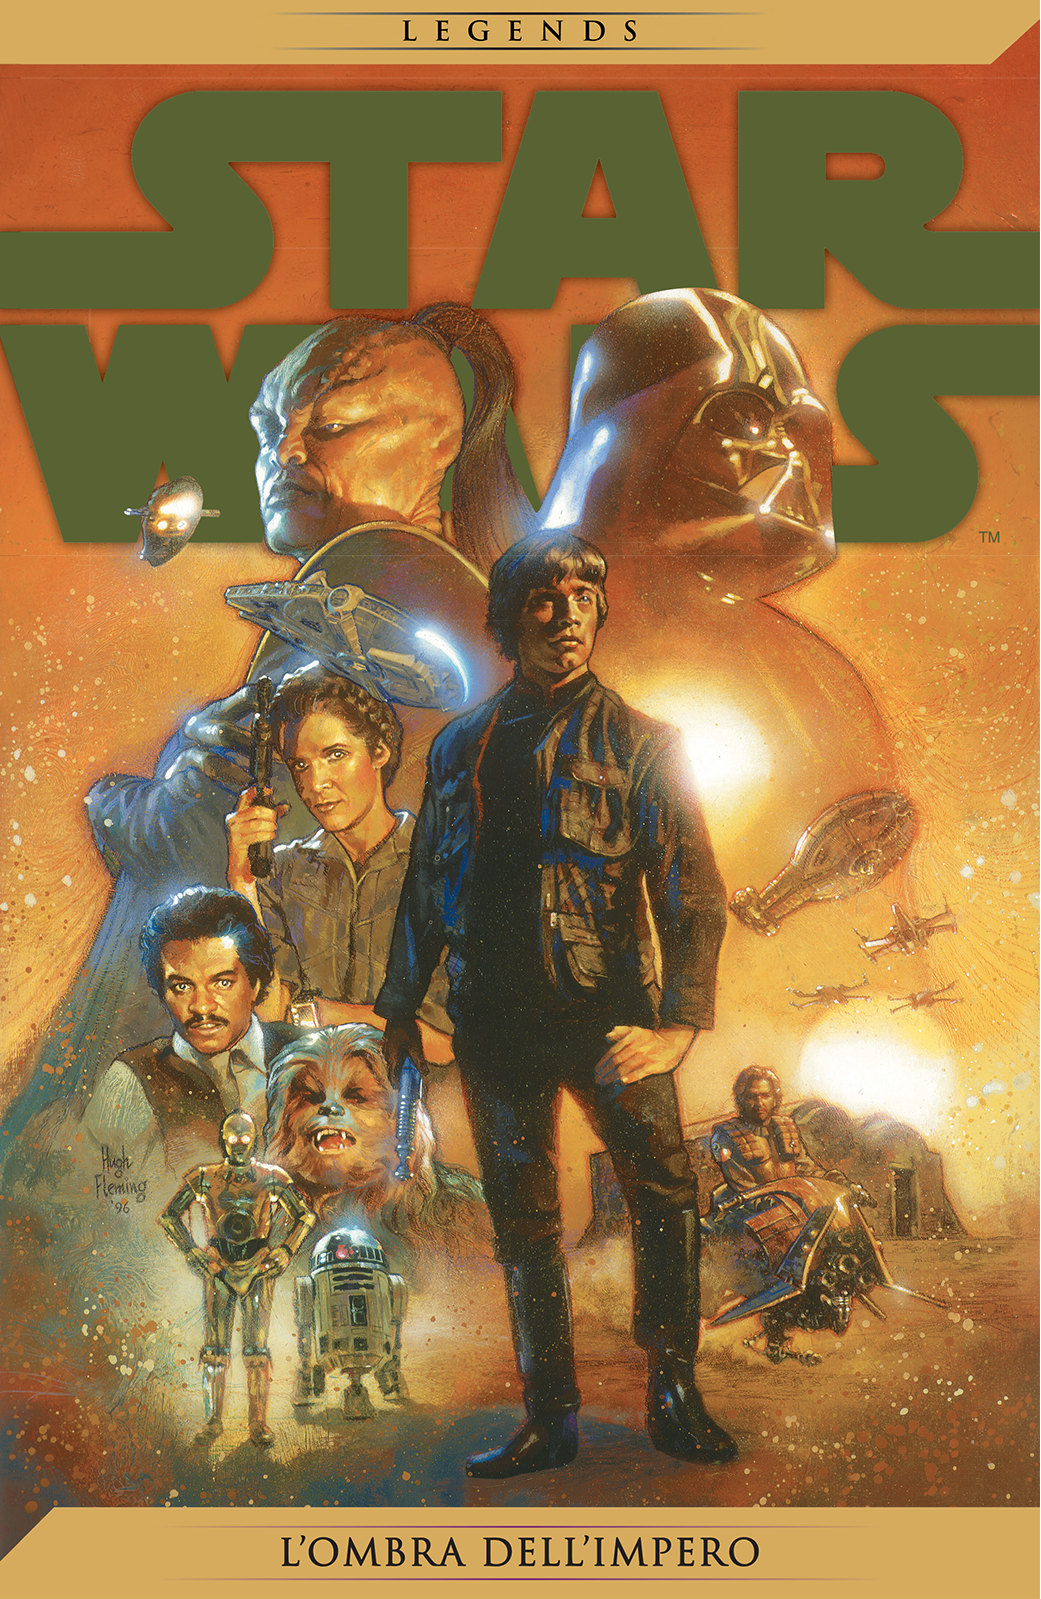 L'Ombra dell'Impero Legends cover